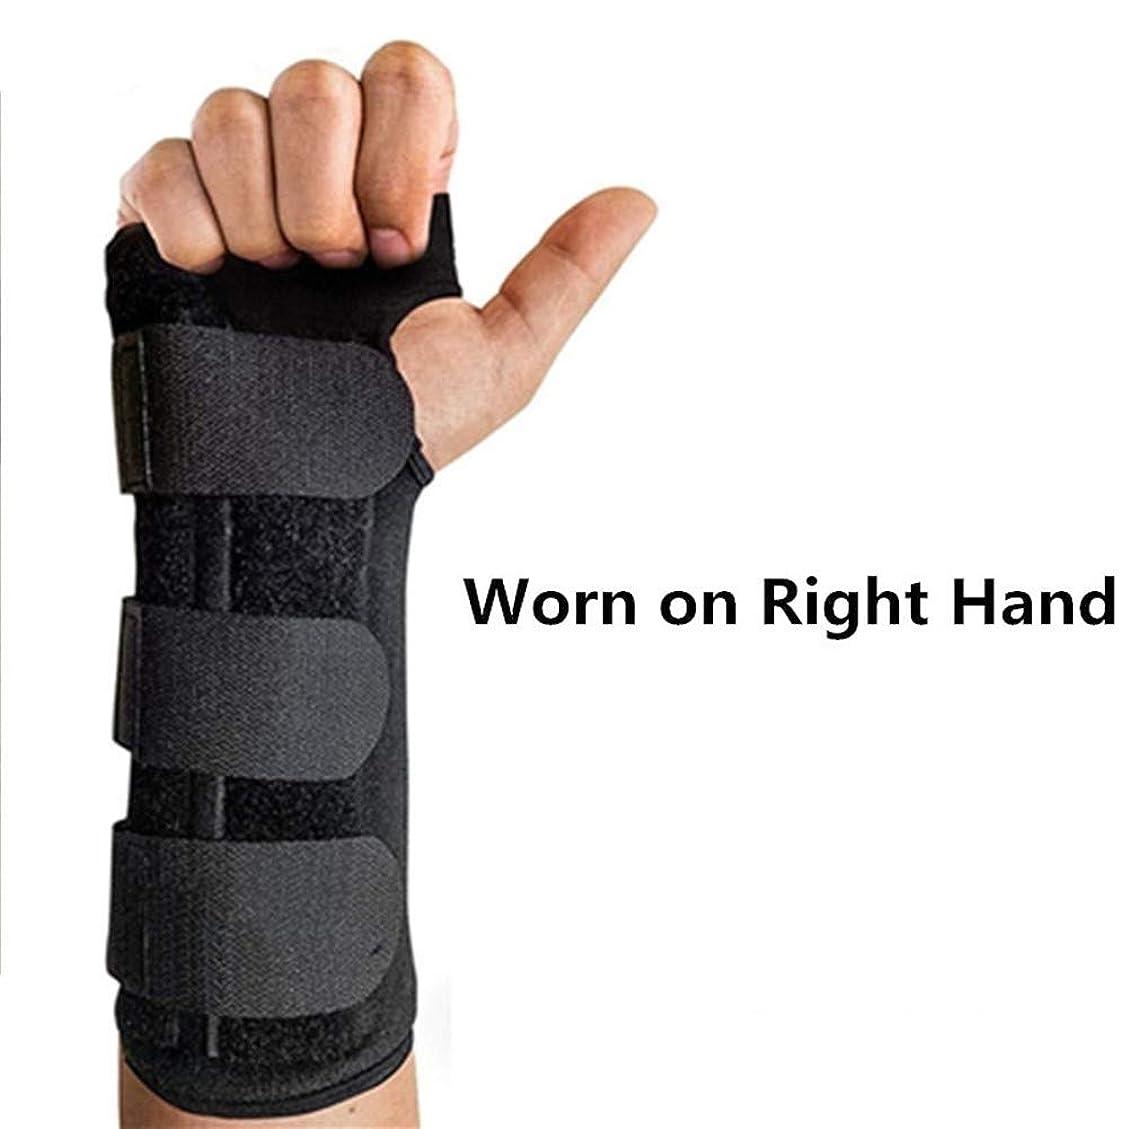 注ぎますに沿ってガチョウRZDJ 調節可能な手首のサポート手根管ブレースストラップ、左または右の手1 Pcと通気性耐久性に優れた指スプリントアーム手首プロテクター (Color : Worn on Right Hand)